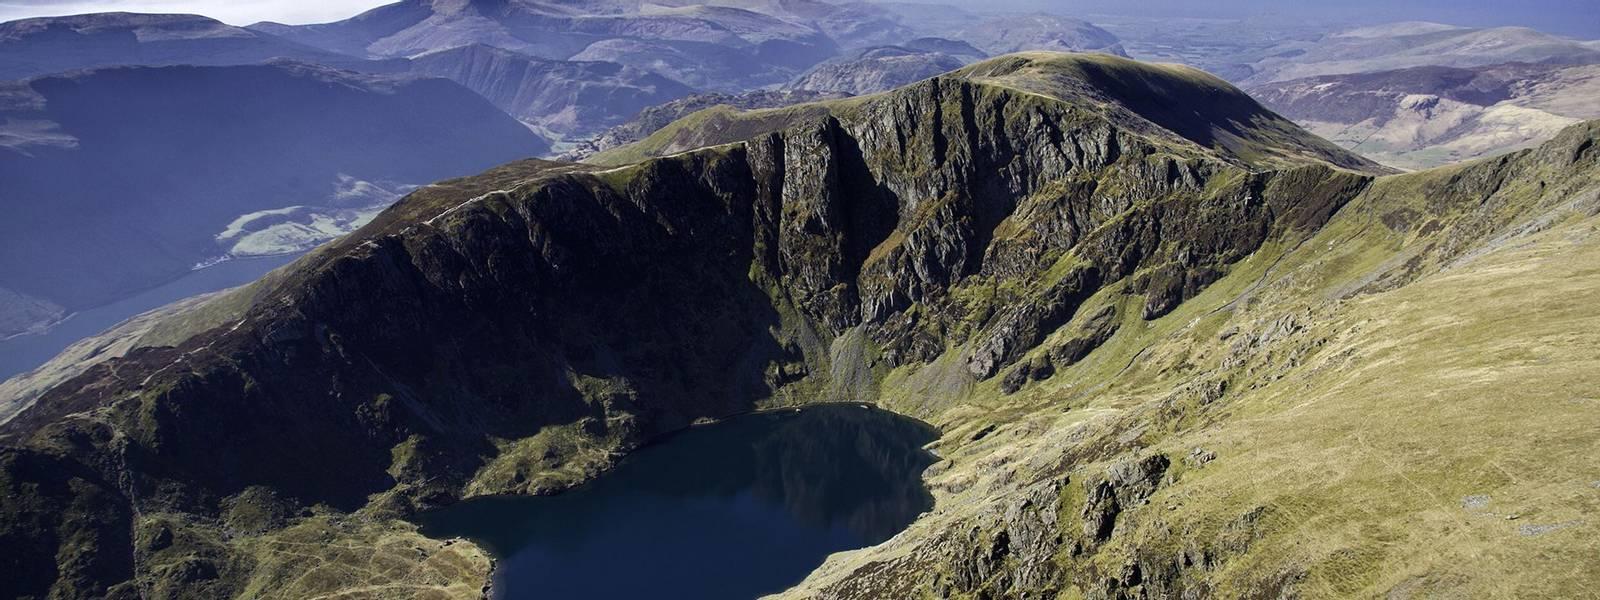 Llyn Cau & Cadair Idris Snowdonia Aerial Mid Scenery